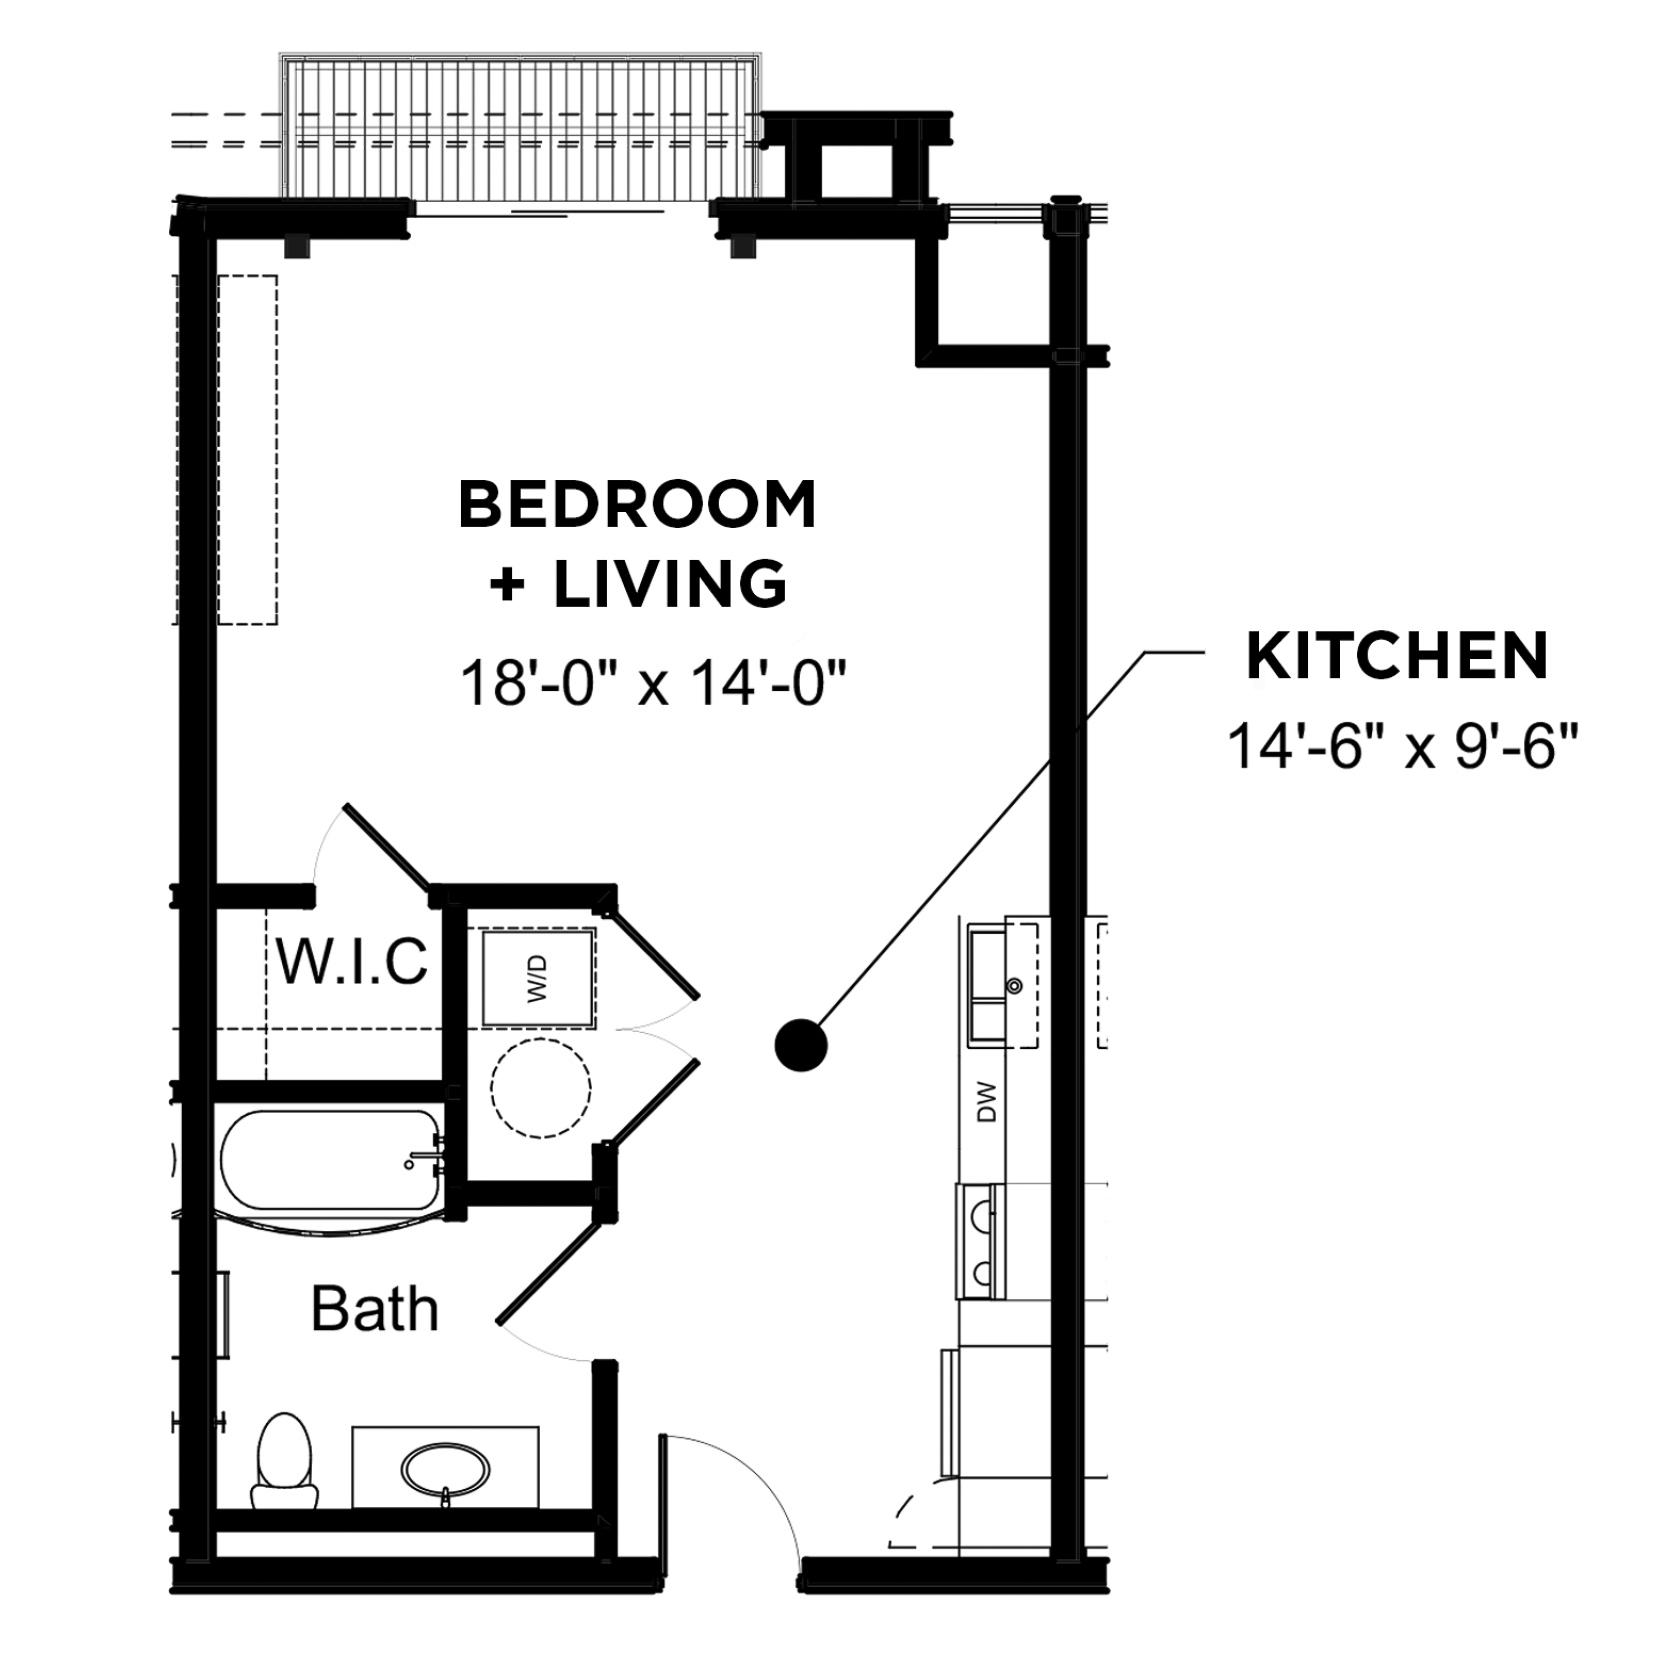 Suite C4 (The Penn Building)